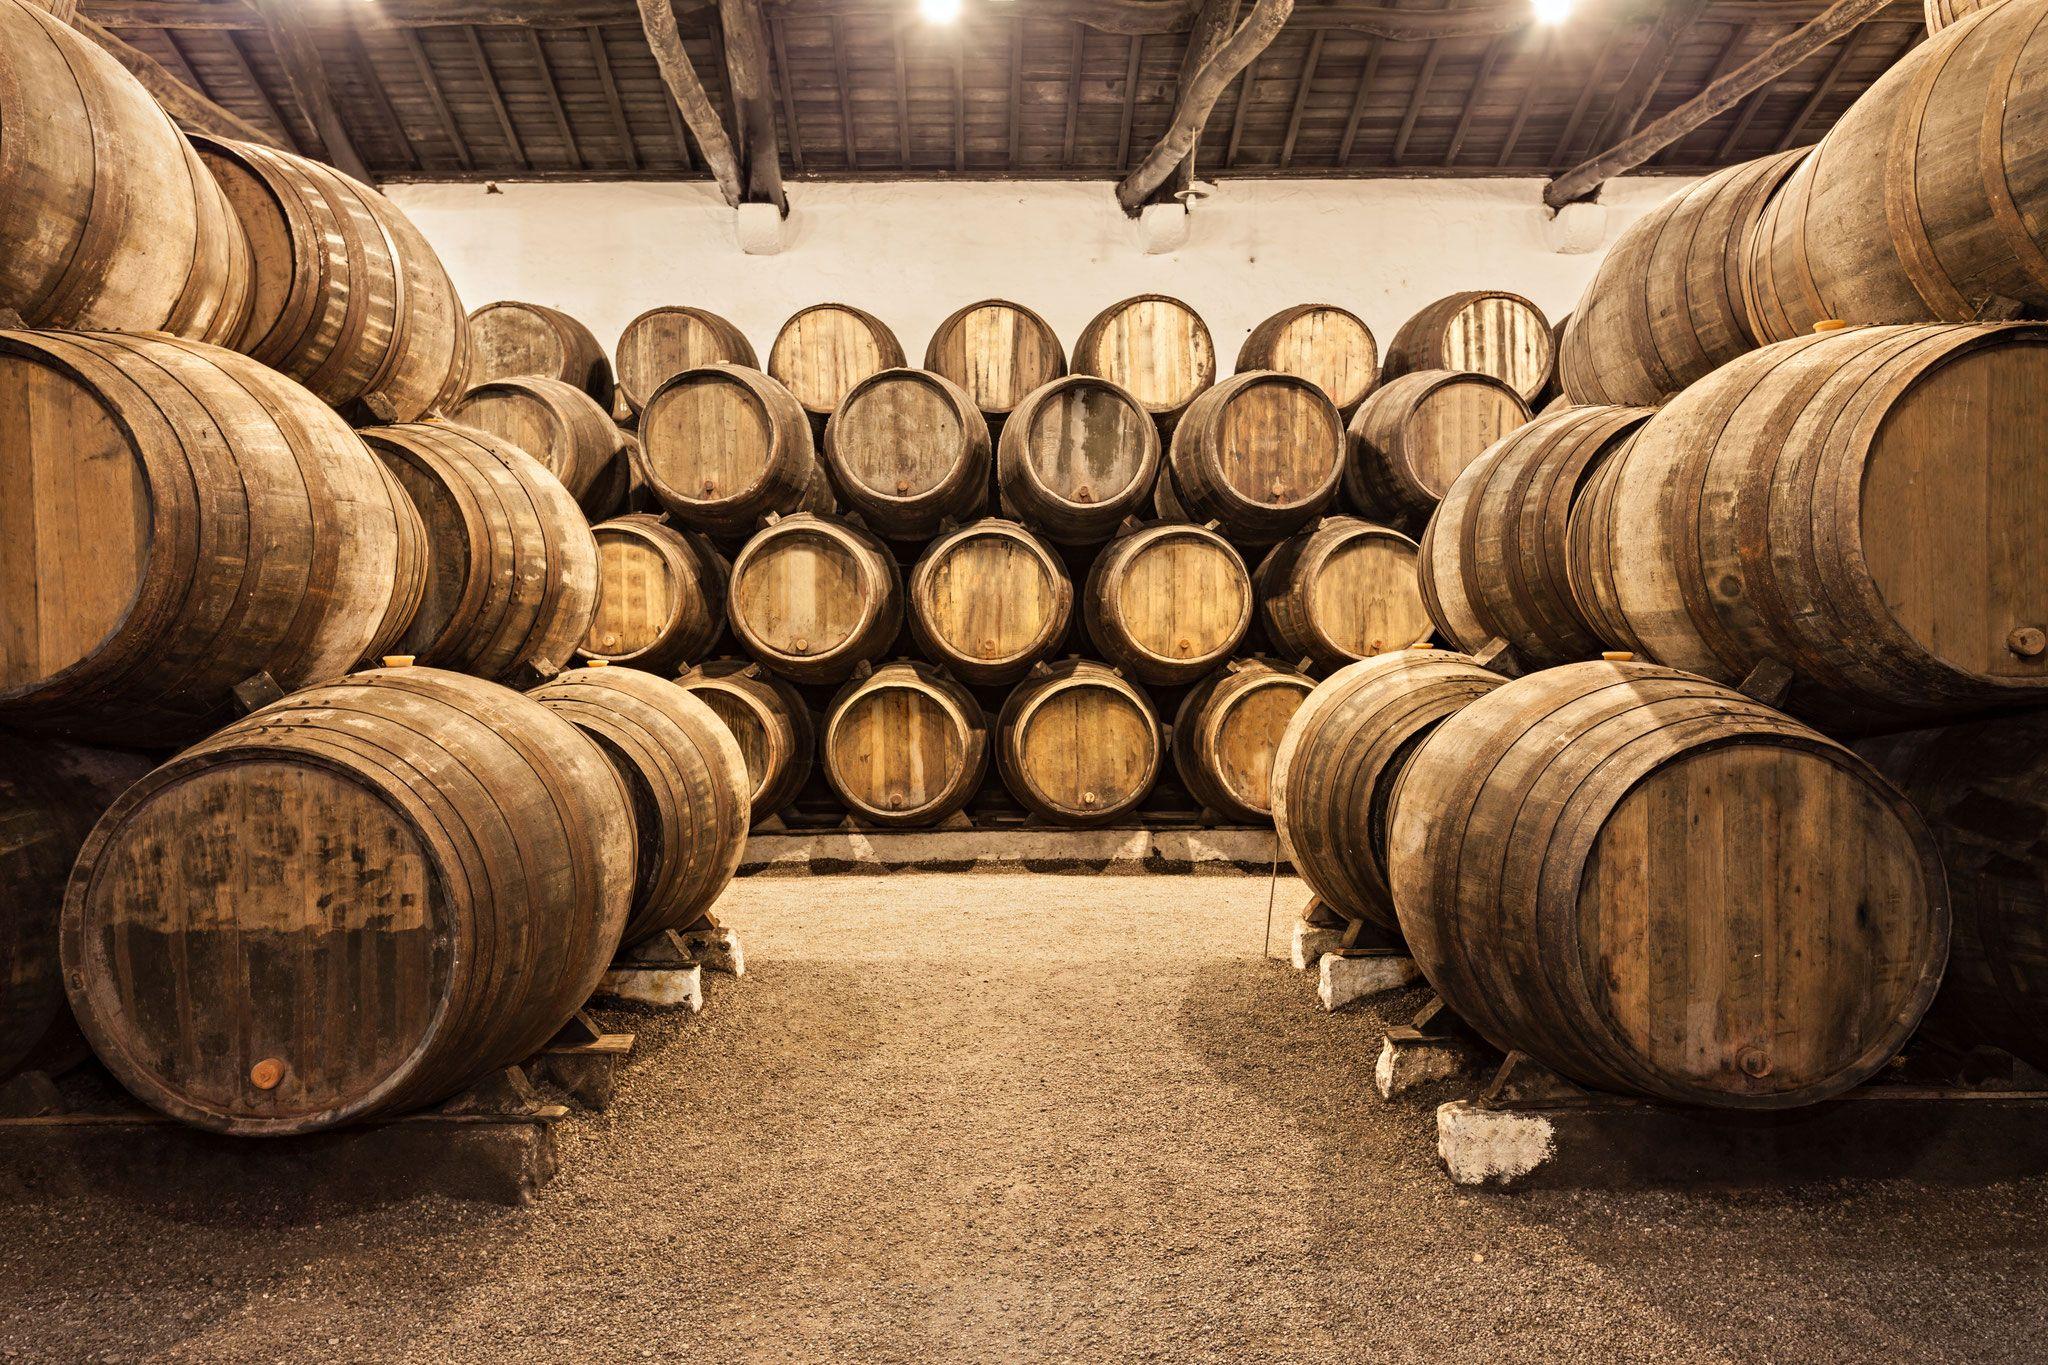 Barrels in the wine cellar, Porto, Portugal - Copyright saiko3p